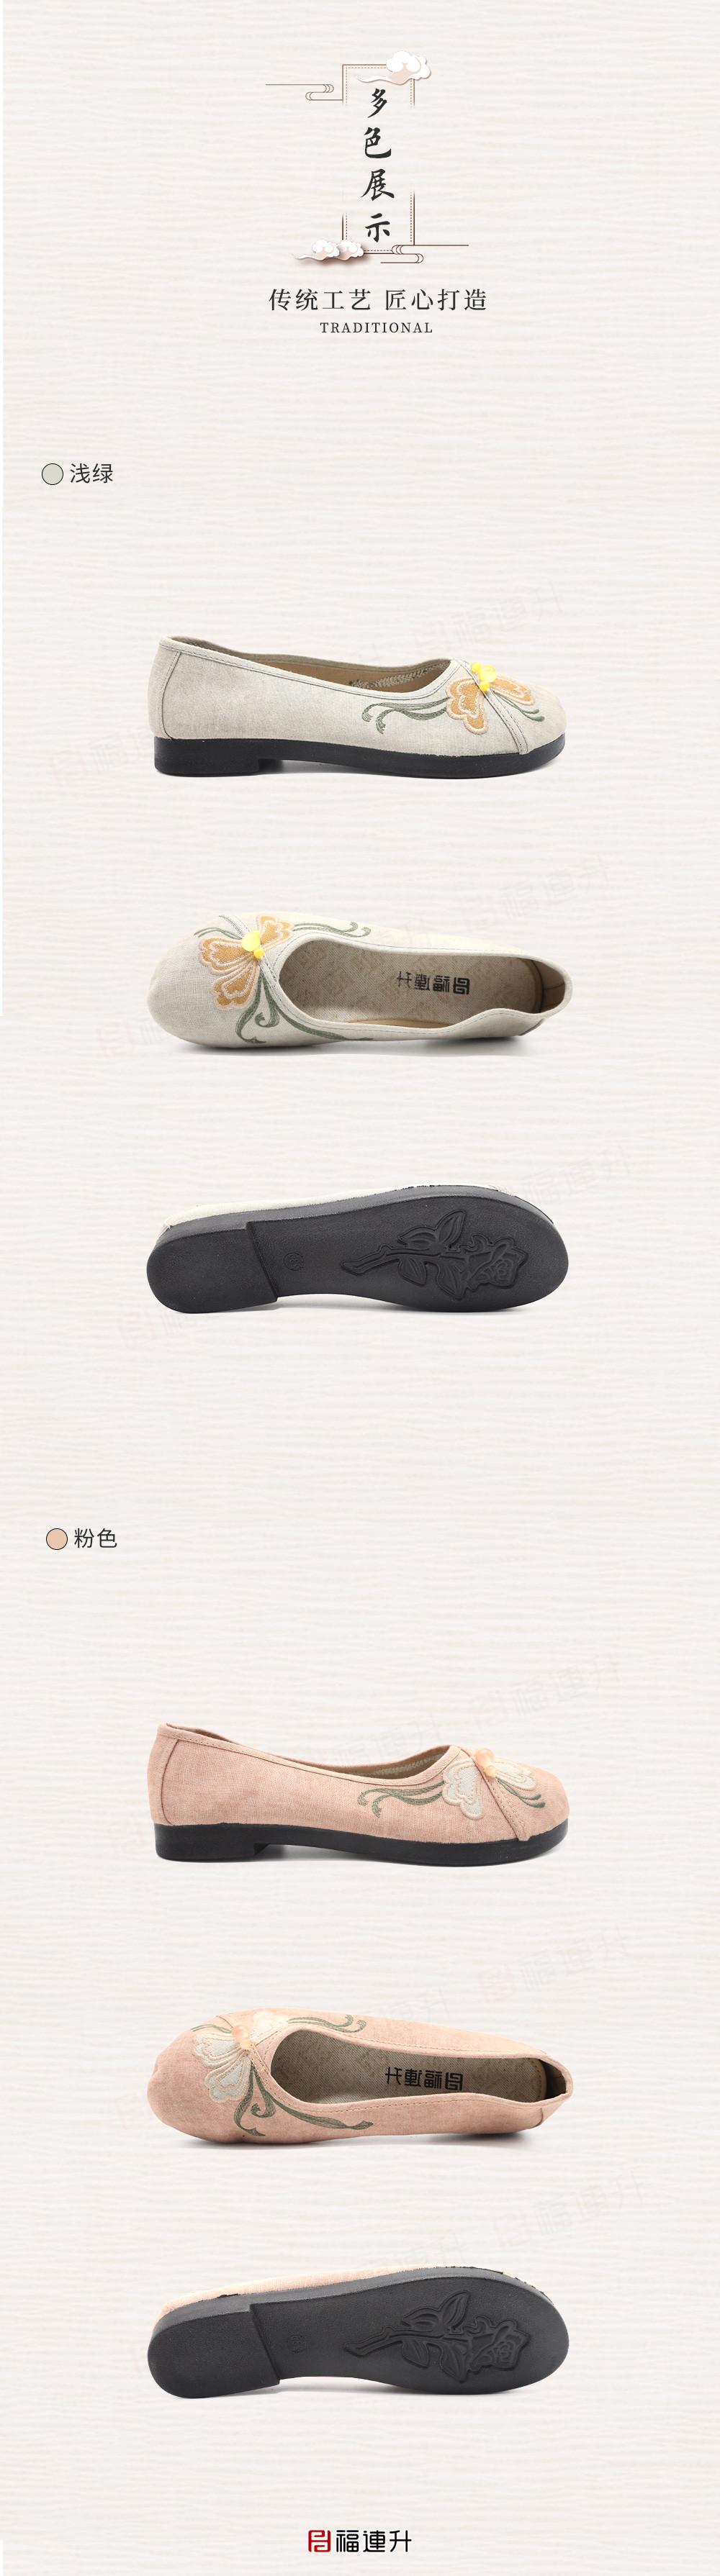 福连升老北京布鞋女鞋素面古风纯色绣花圆头浅口古装平底鞋图片